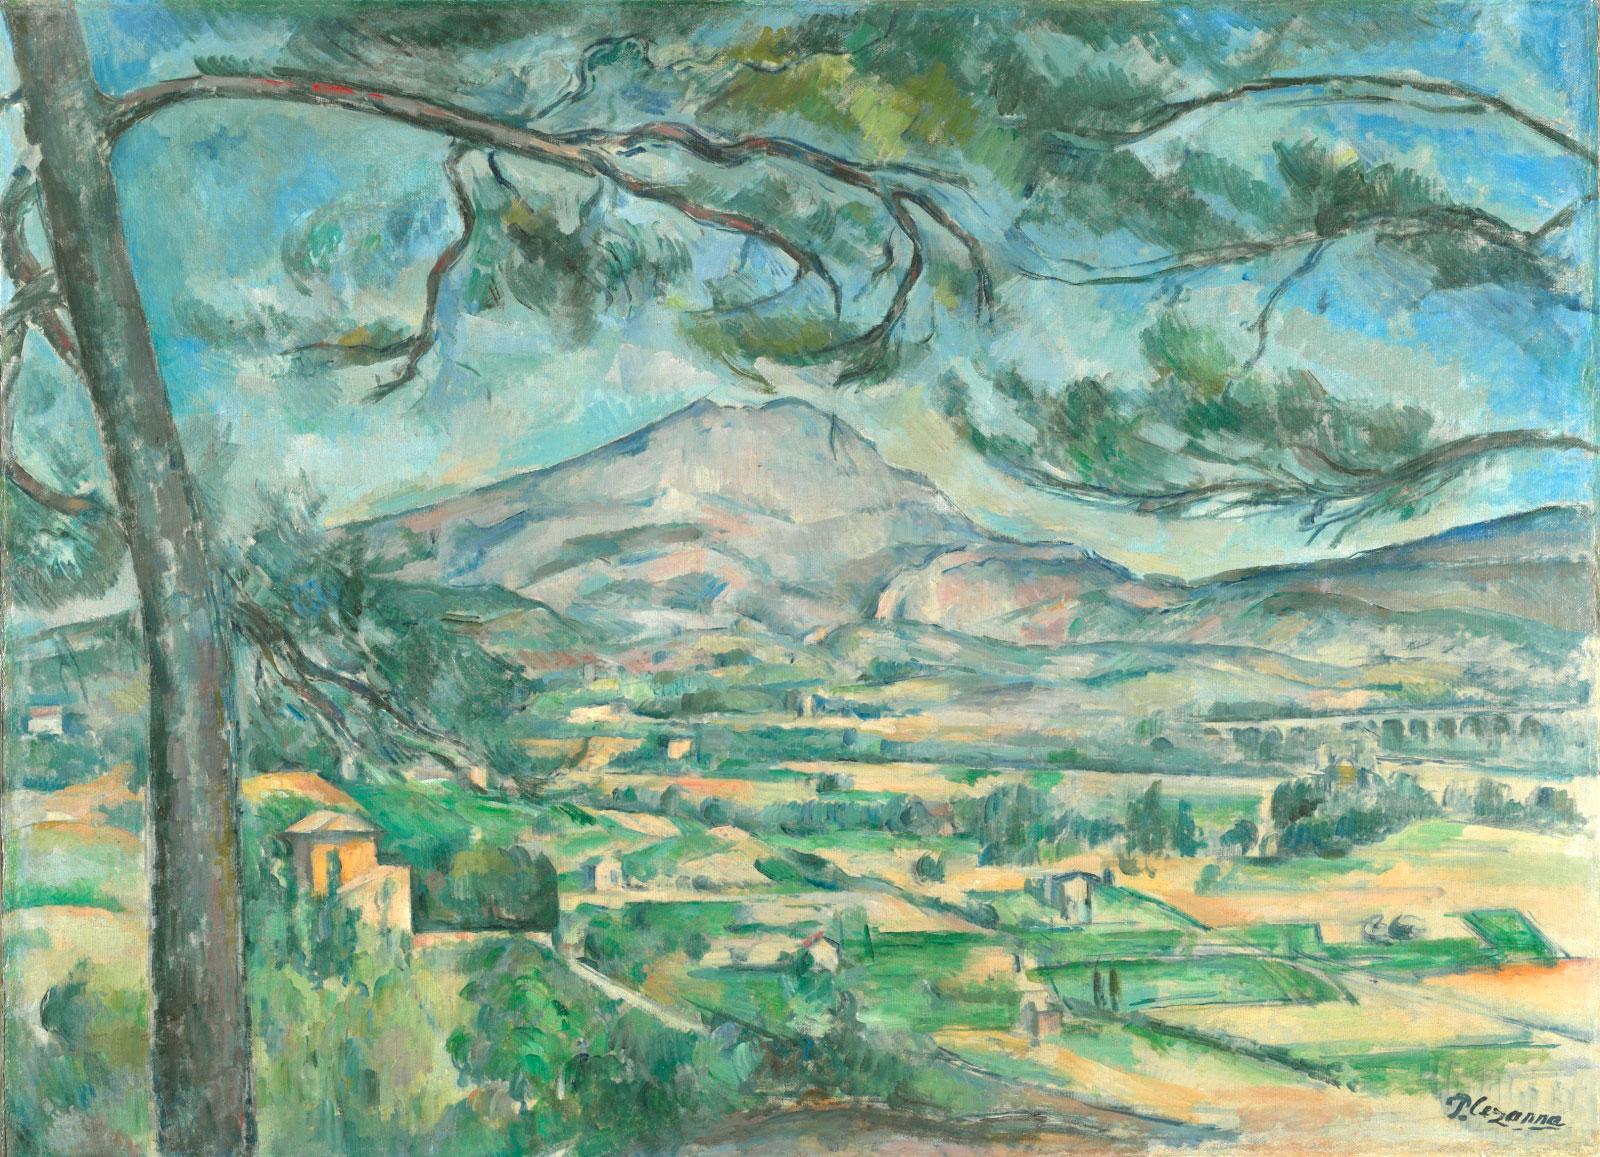 Paul Cézanne: Montagne Sainte-Victoire with Large Pine, circa 1887